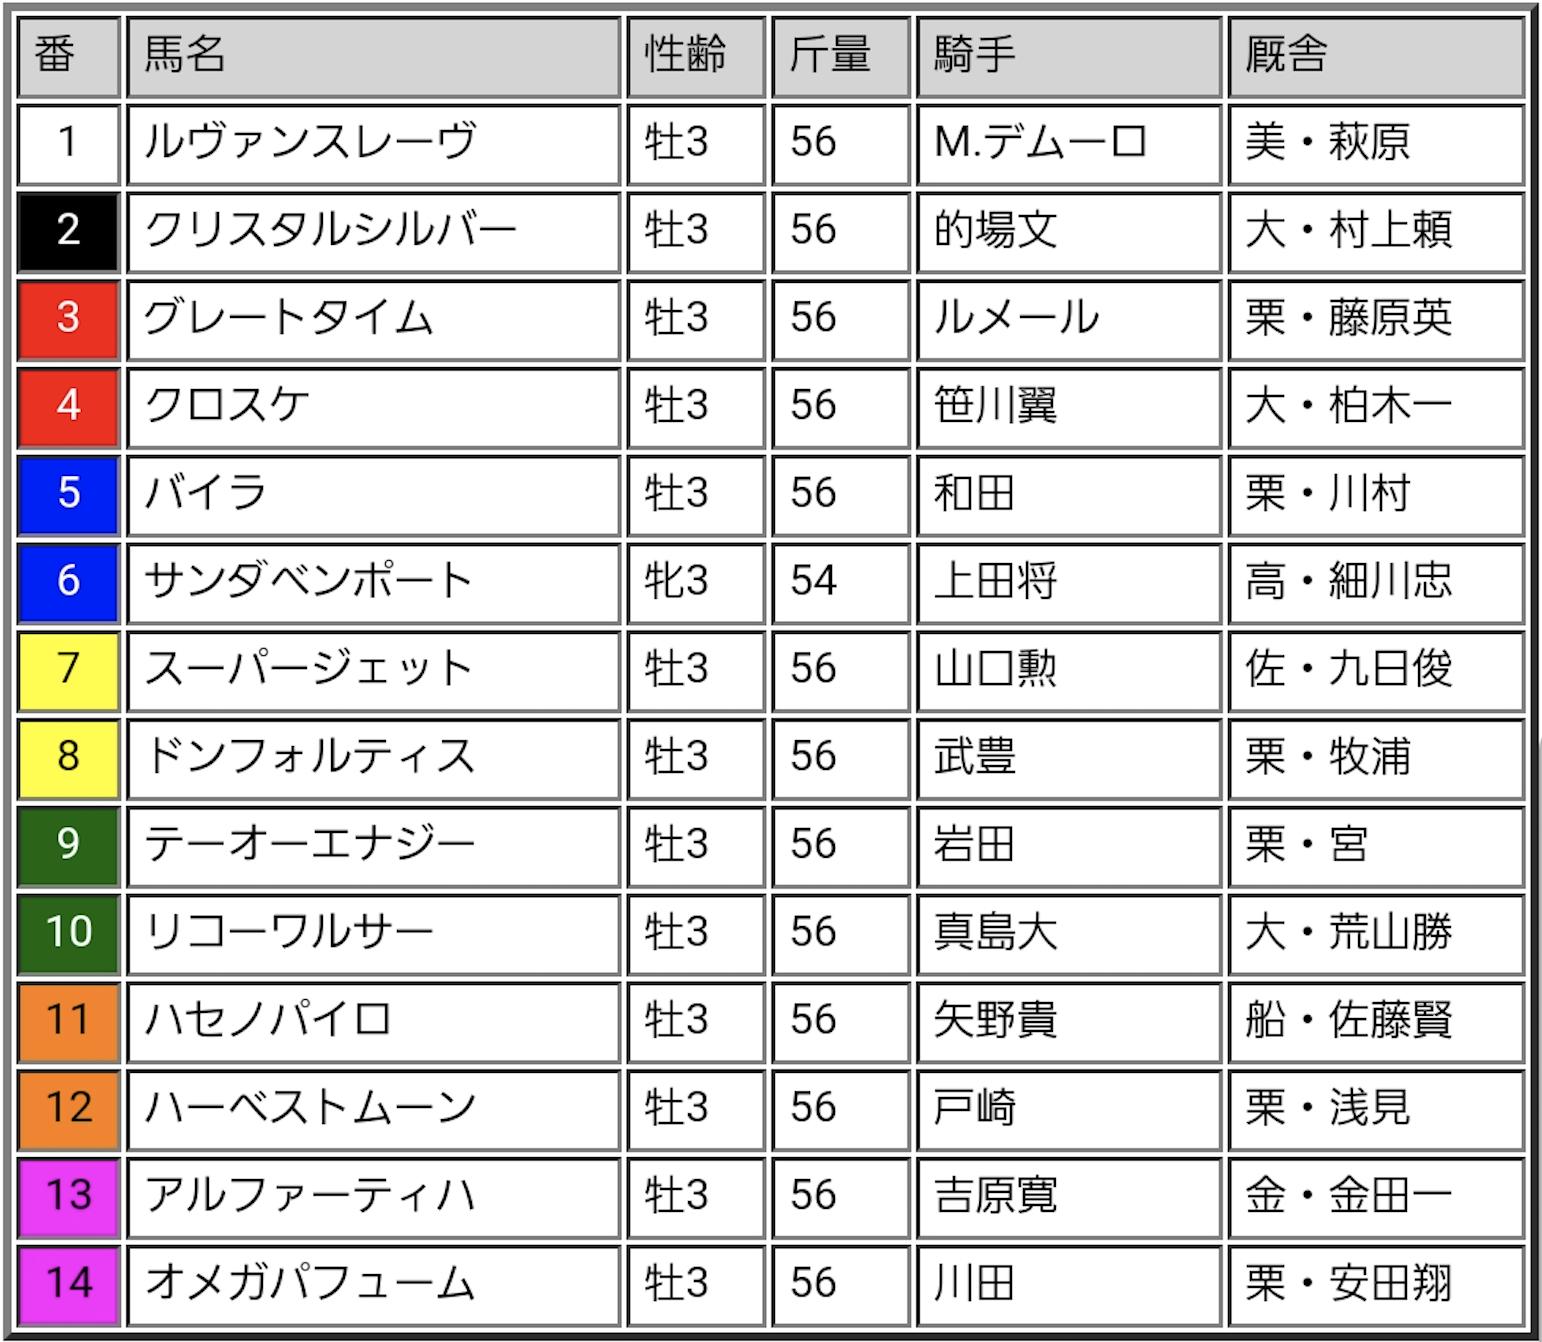 ジャパンダートダービー2018出走表